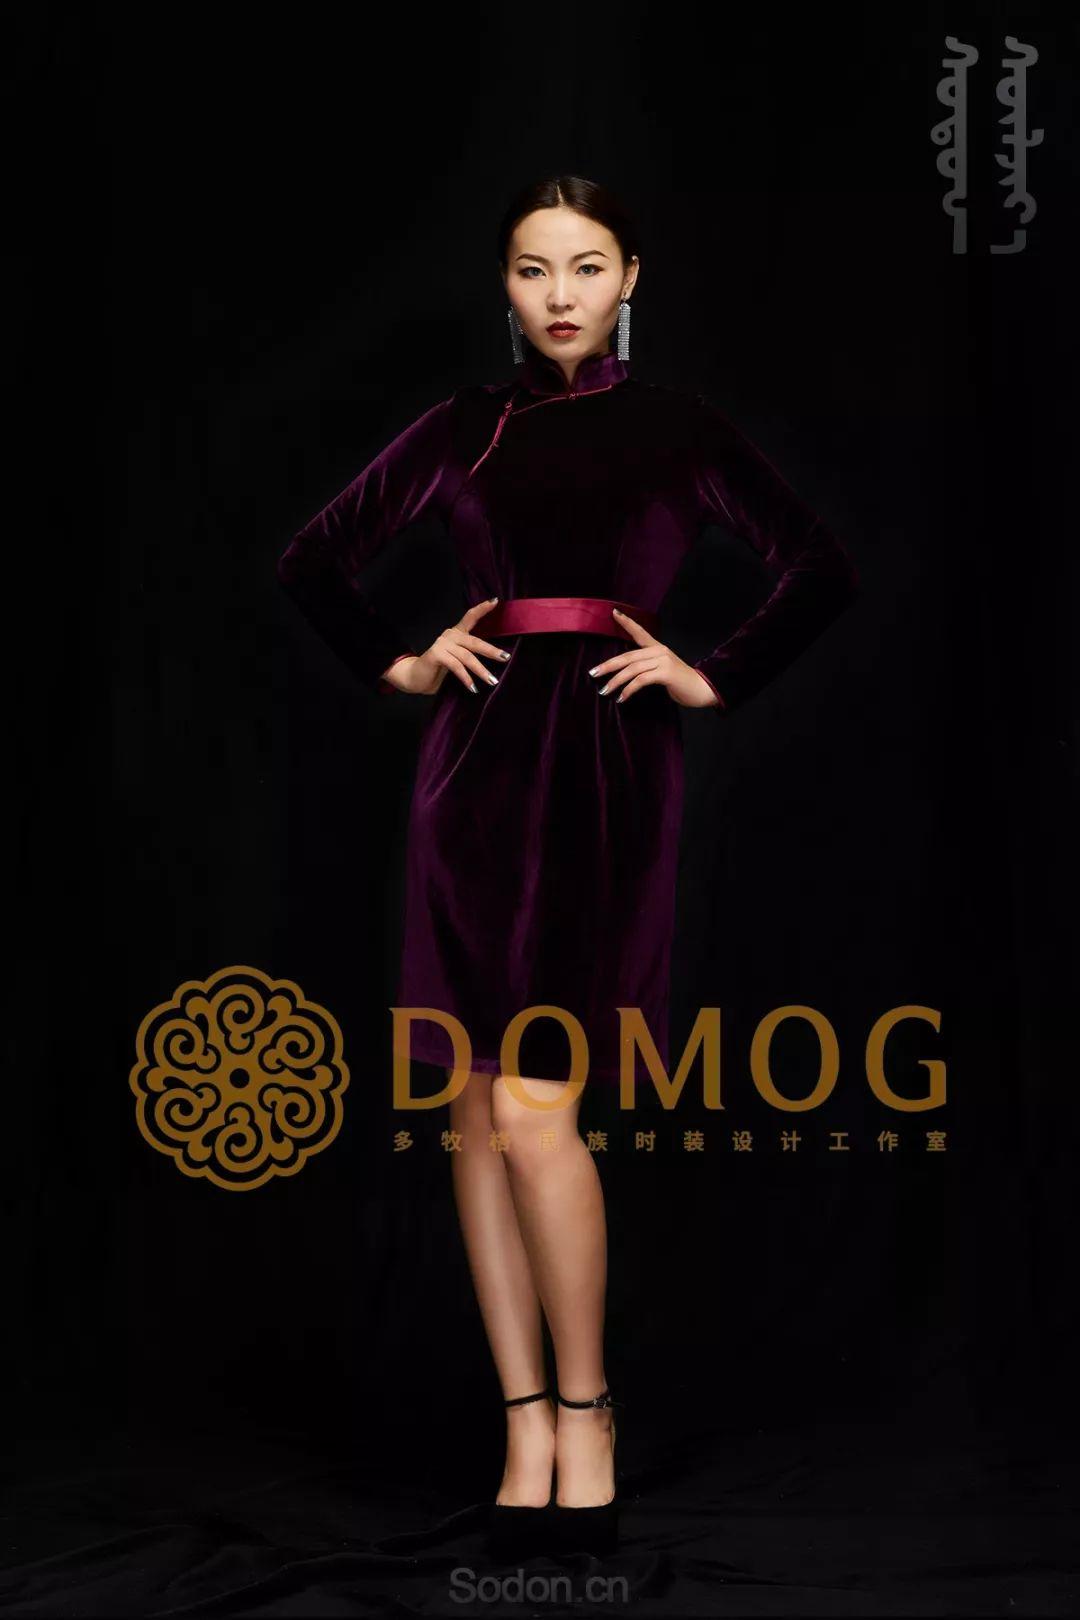 DOMOG蒙古时装绝美秋冬款系列,美出新高度! 第10张